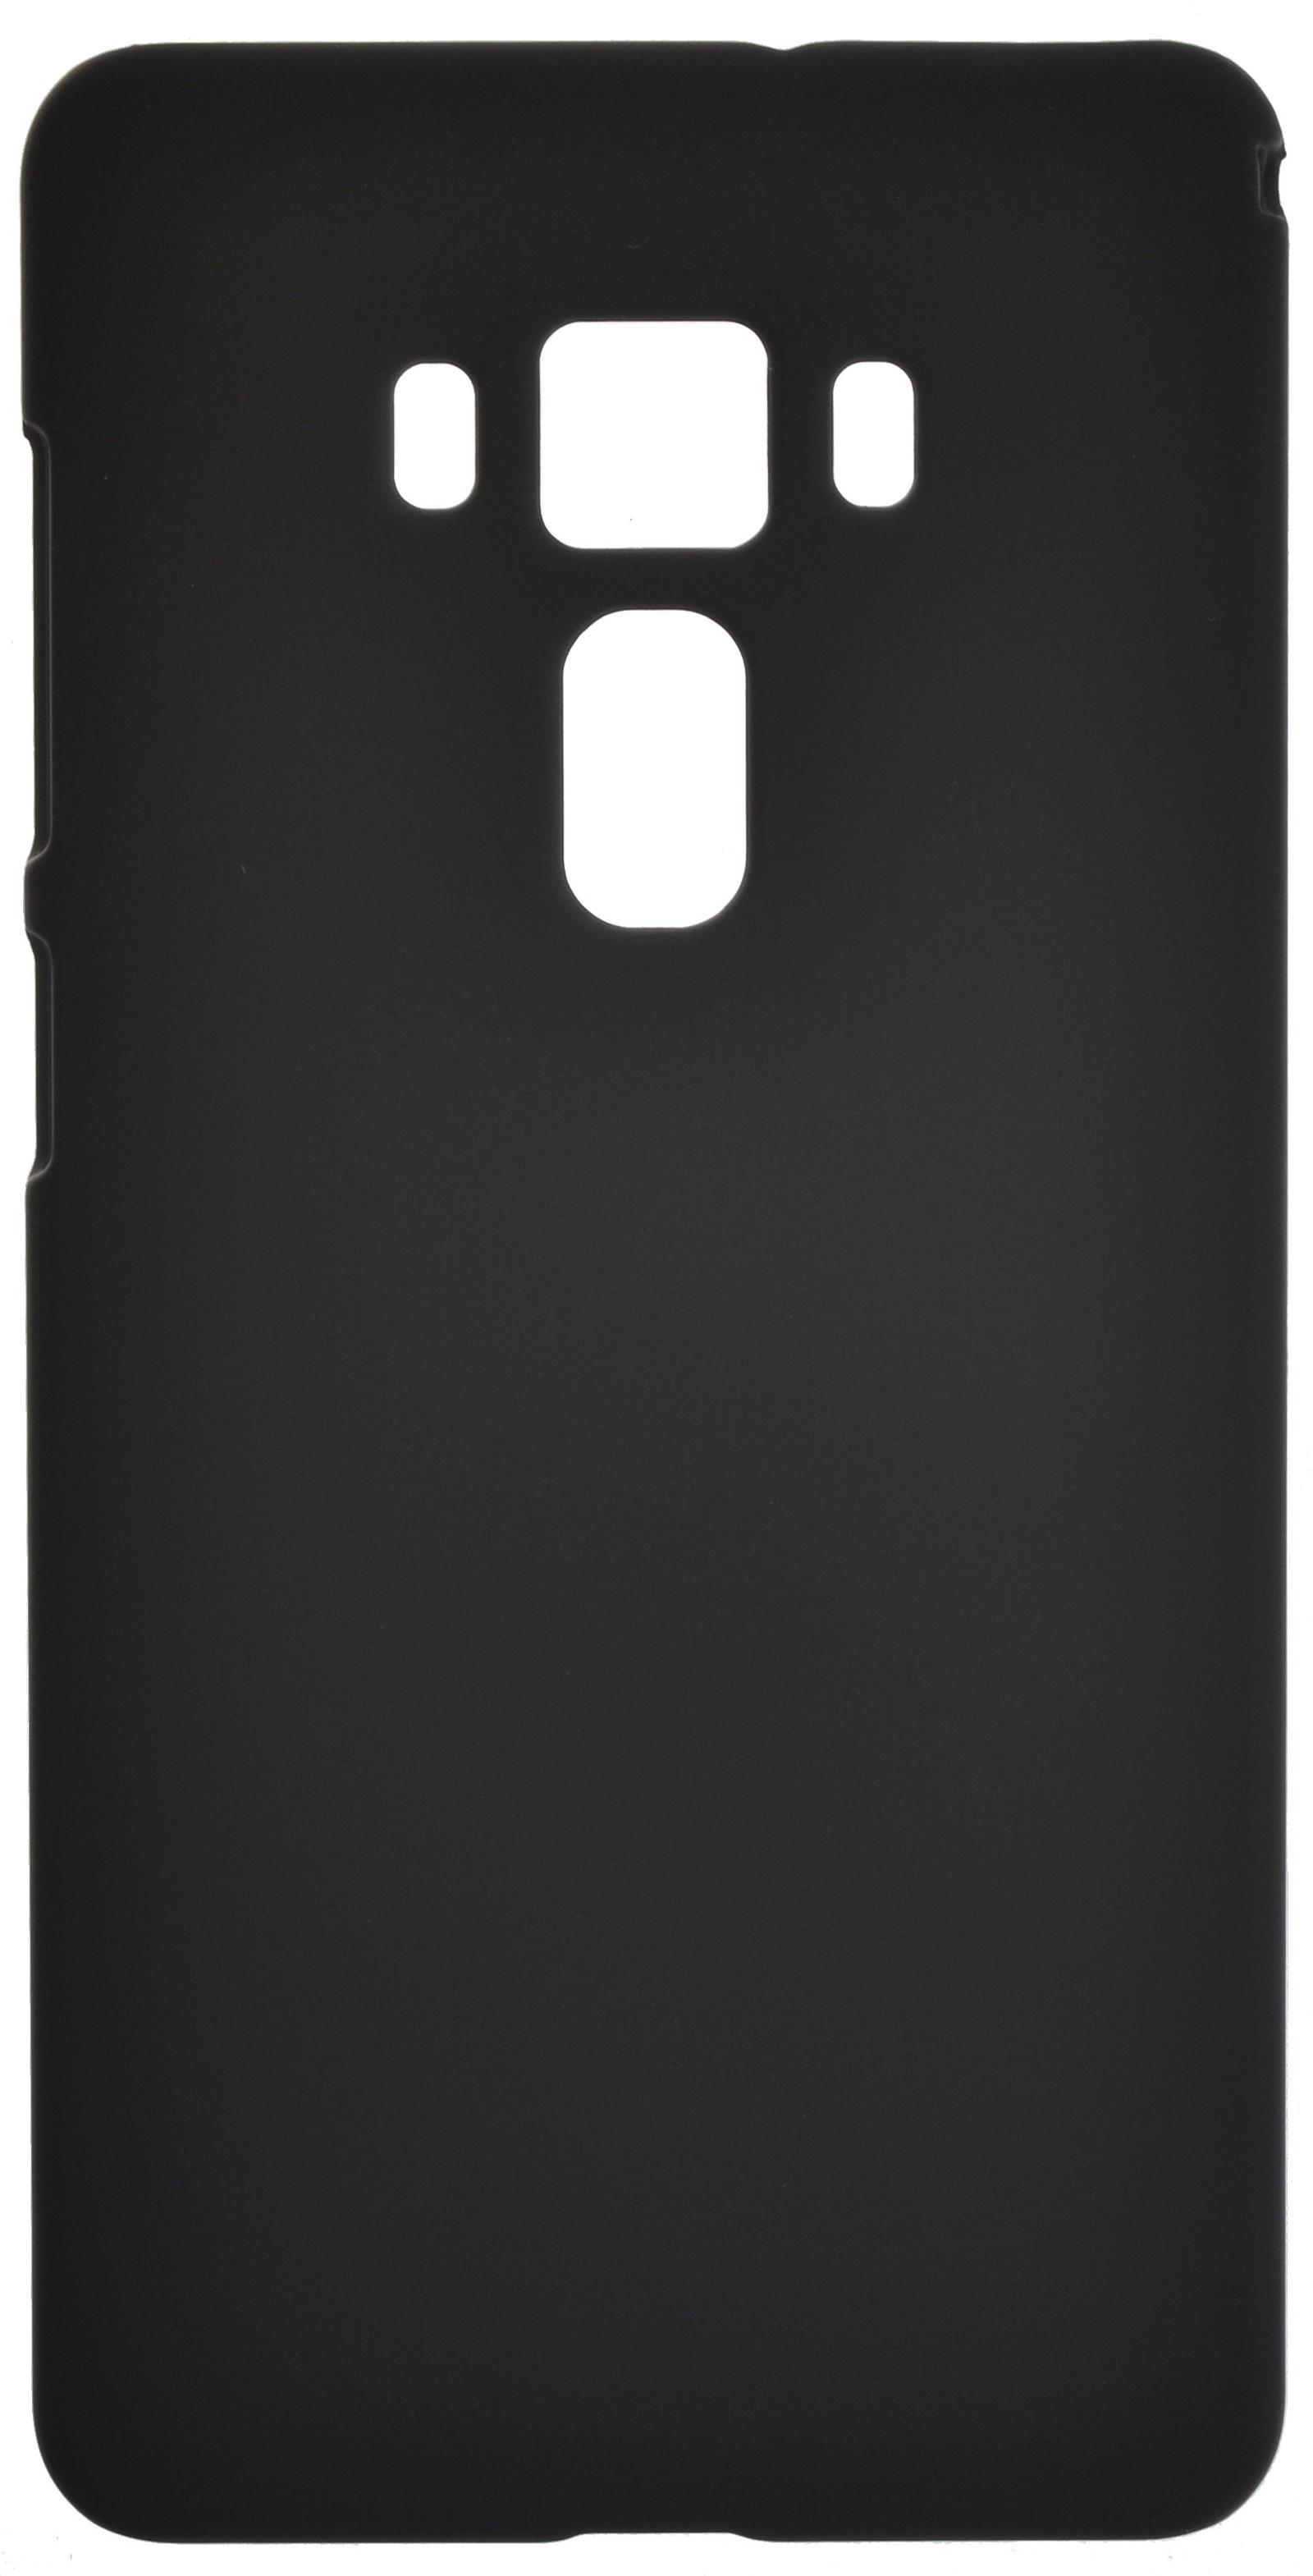 Чехол для сотового телефона skinBOX 4People, 4630042528291, черный стоимость